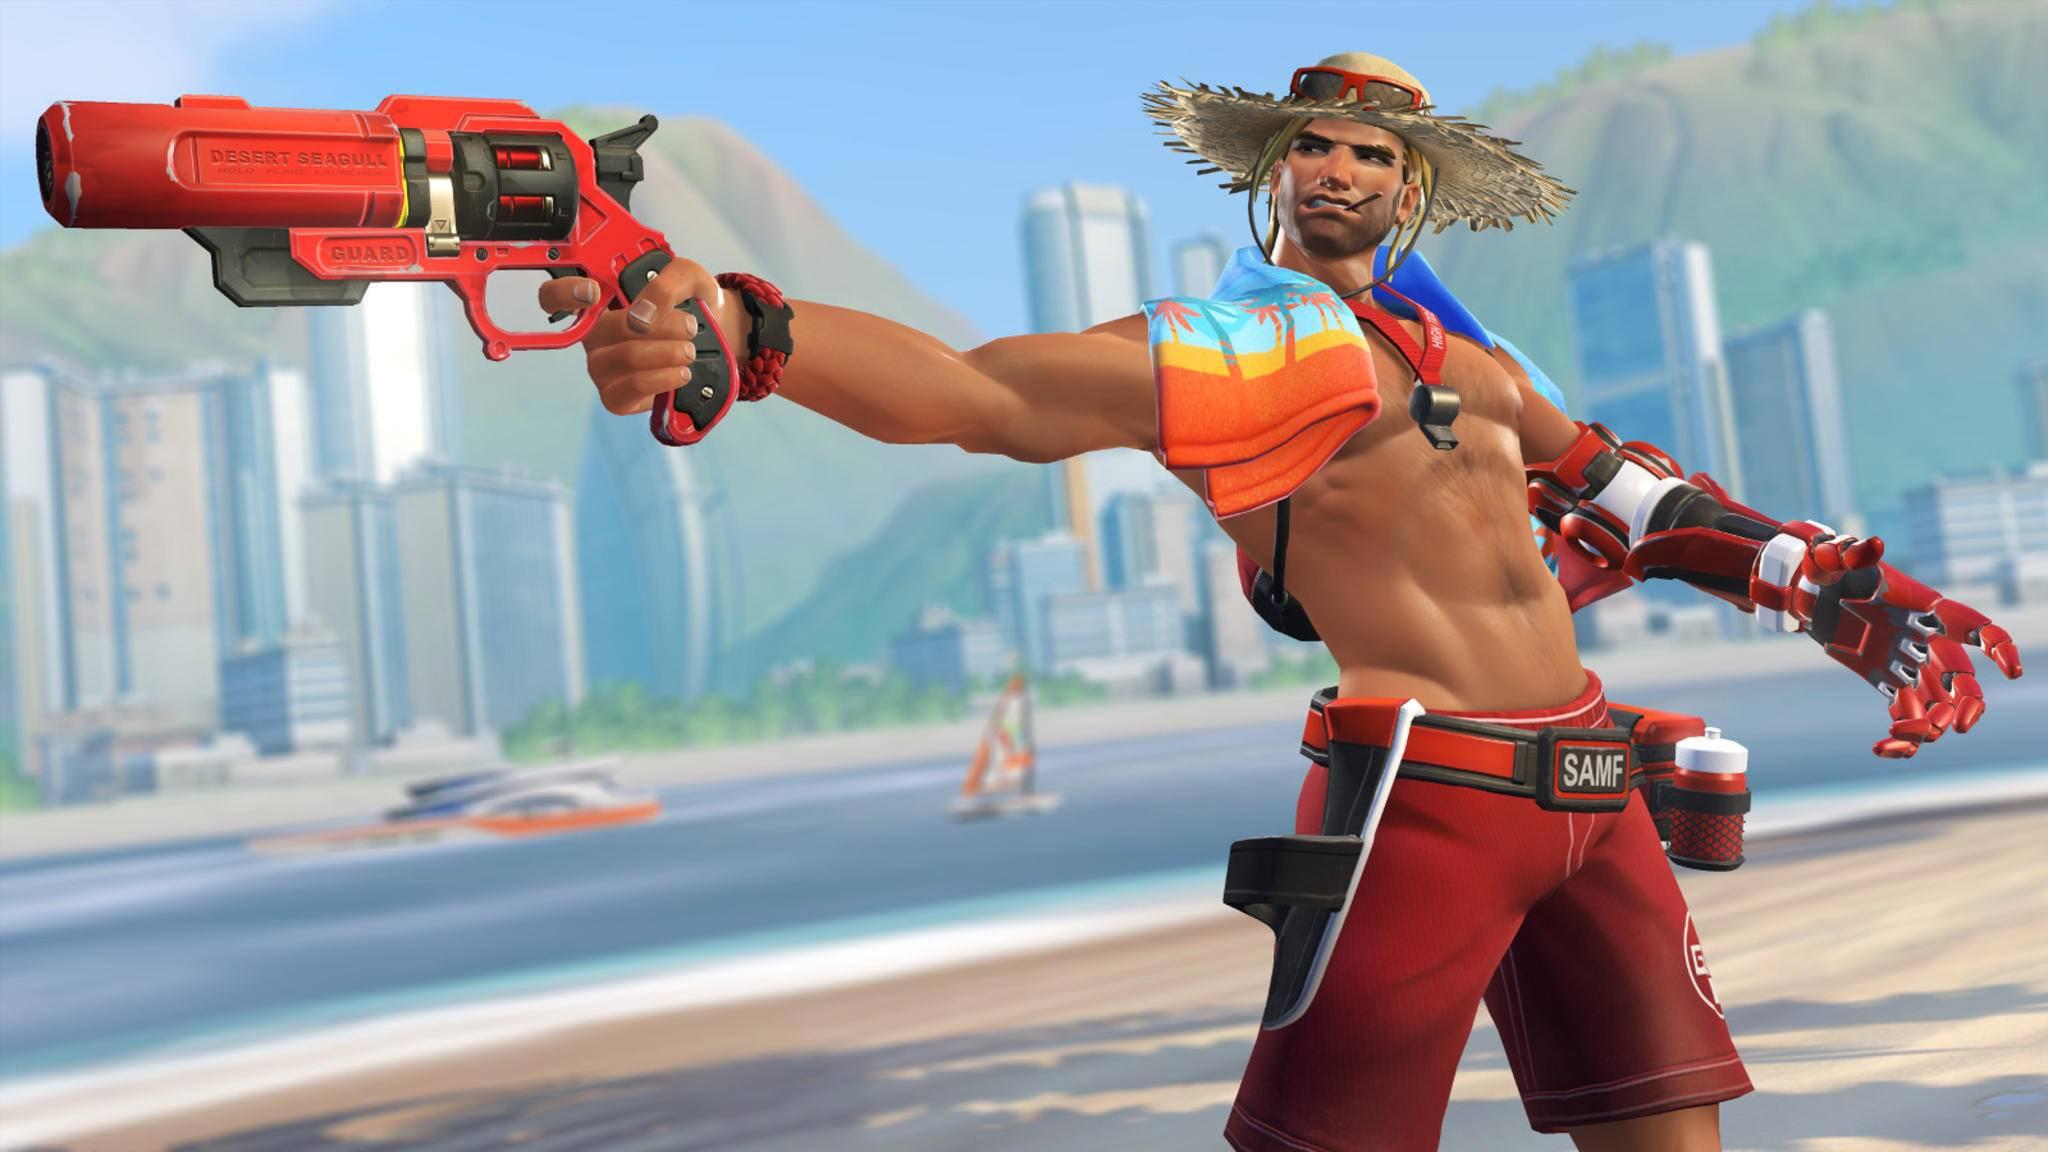 """Arbeitet Blizzard an einem neuen """"Overwatch""""-Spiel? Eine Stellenanzeige gibt Hinweise."""